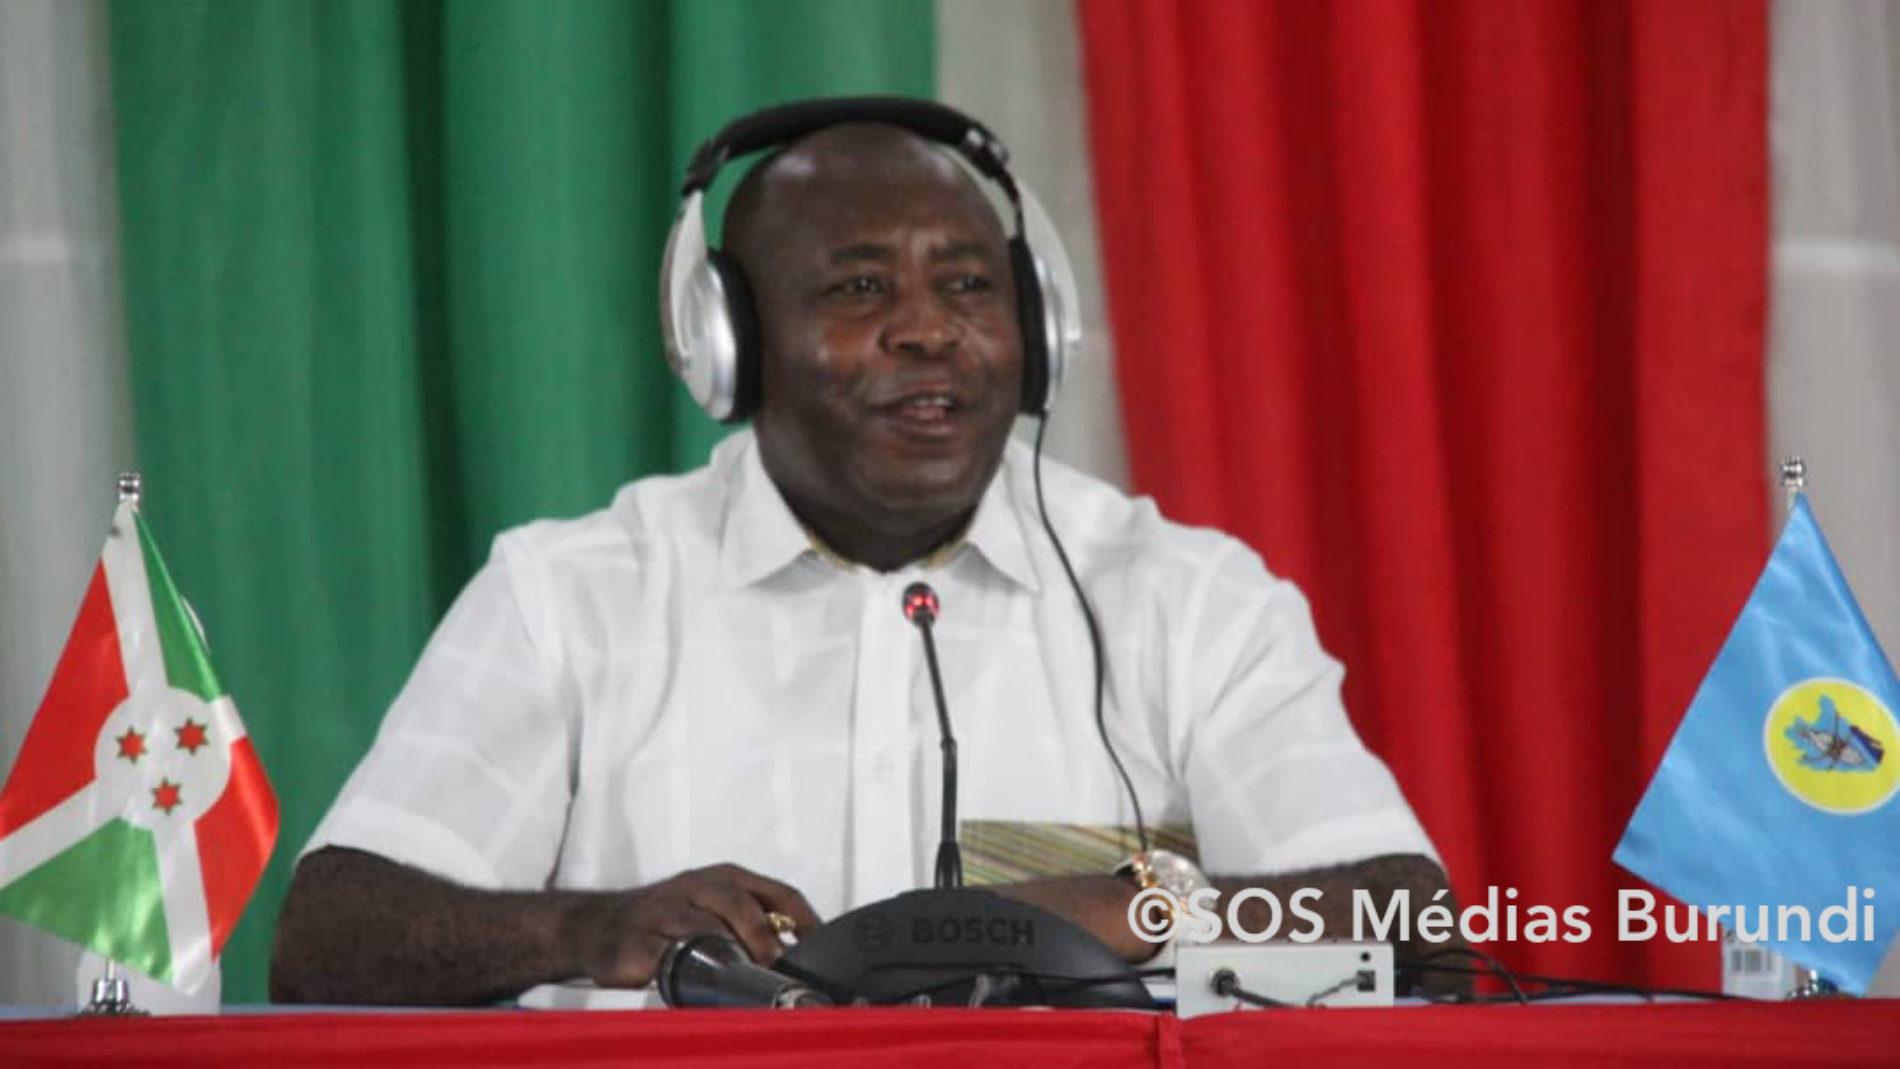 Burundi : le chef de l'État souhaite un équilibre ethnique même dans des institutions internationales